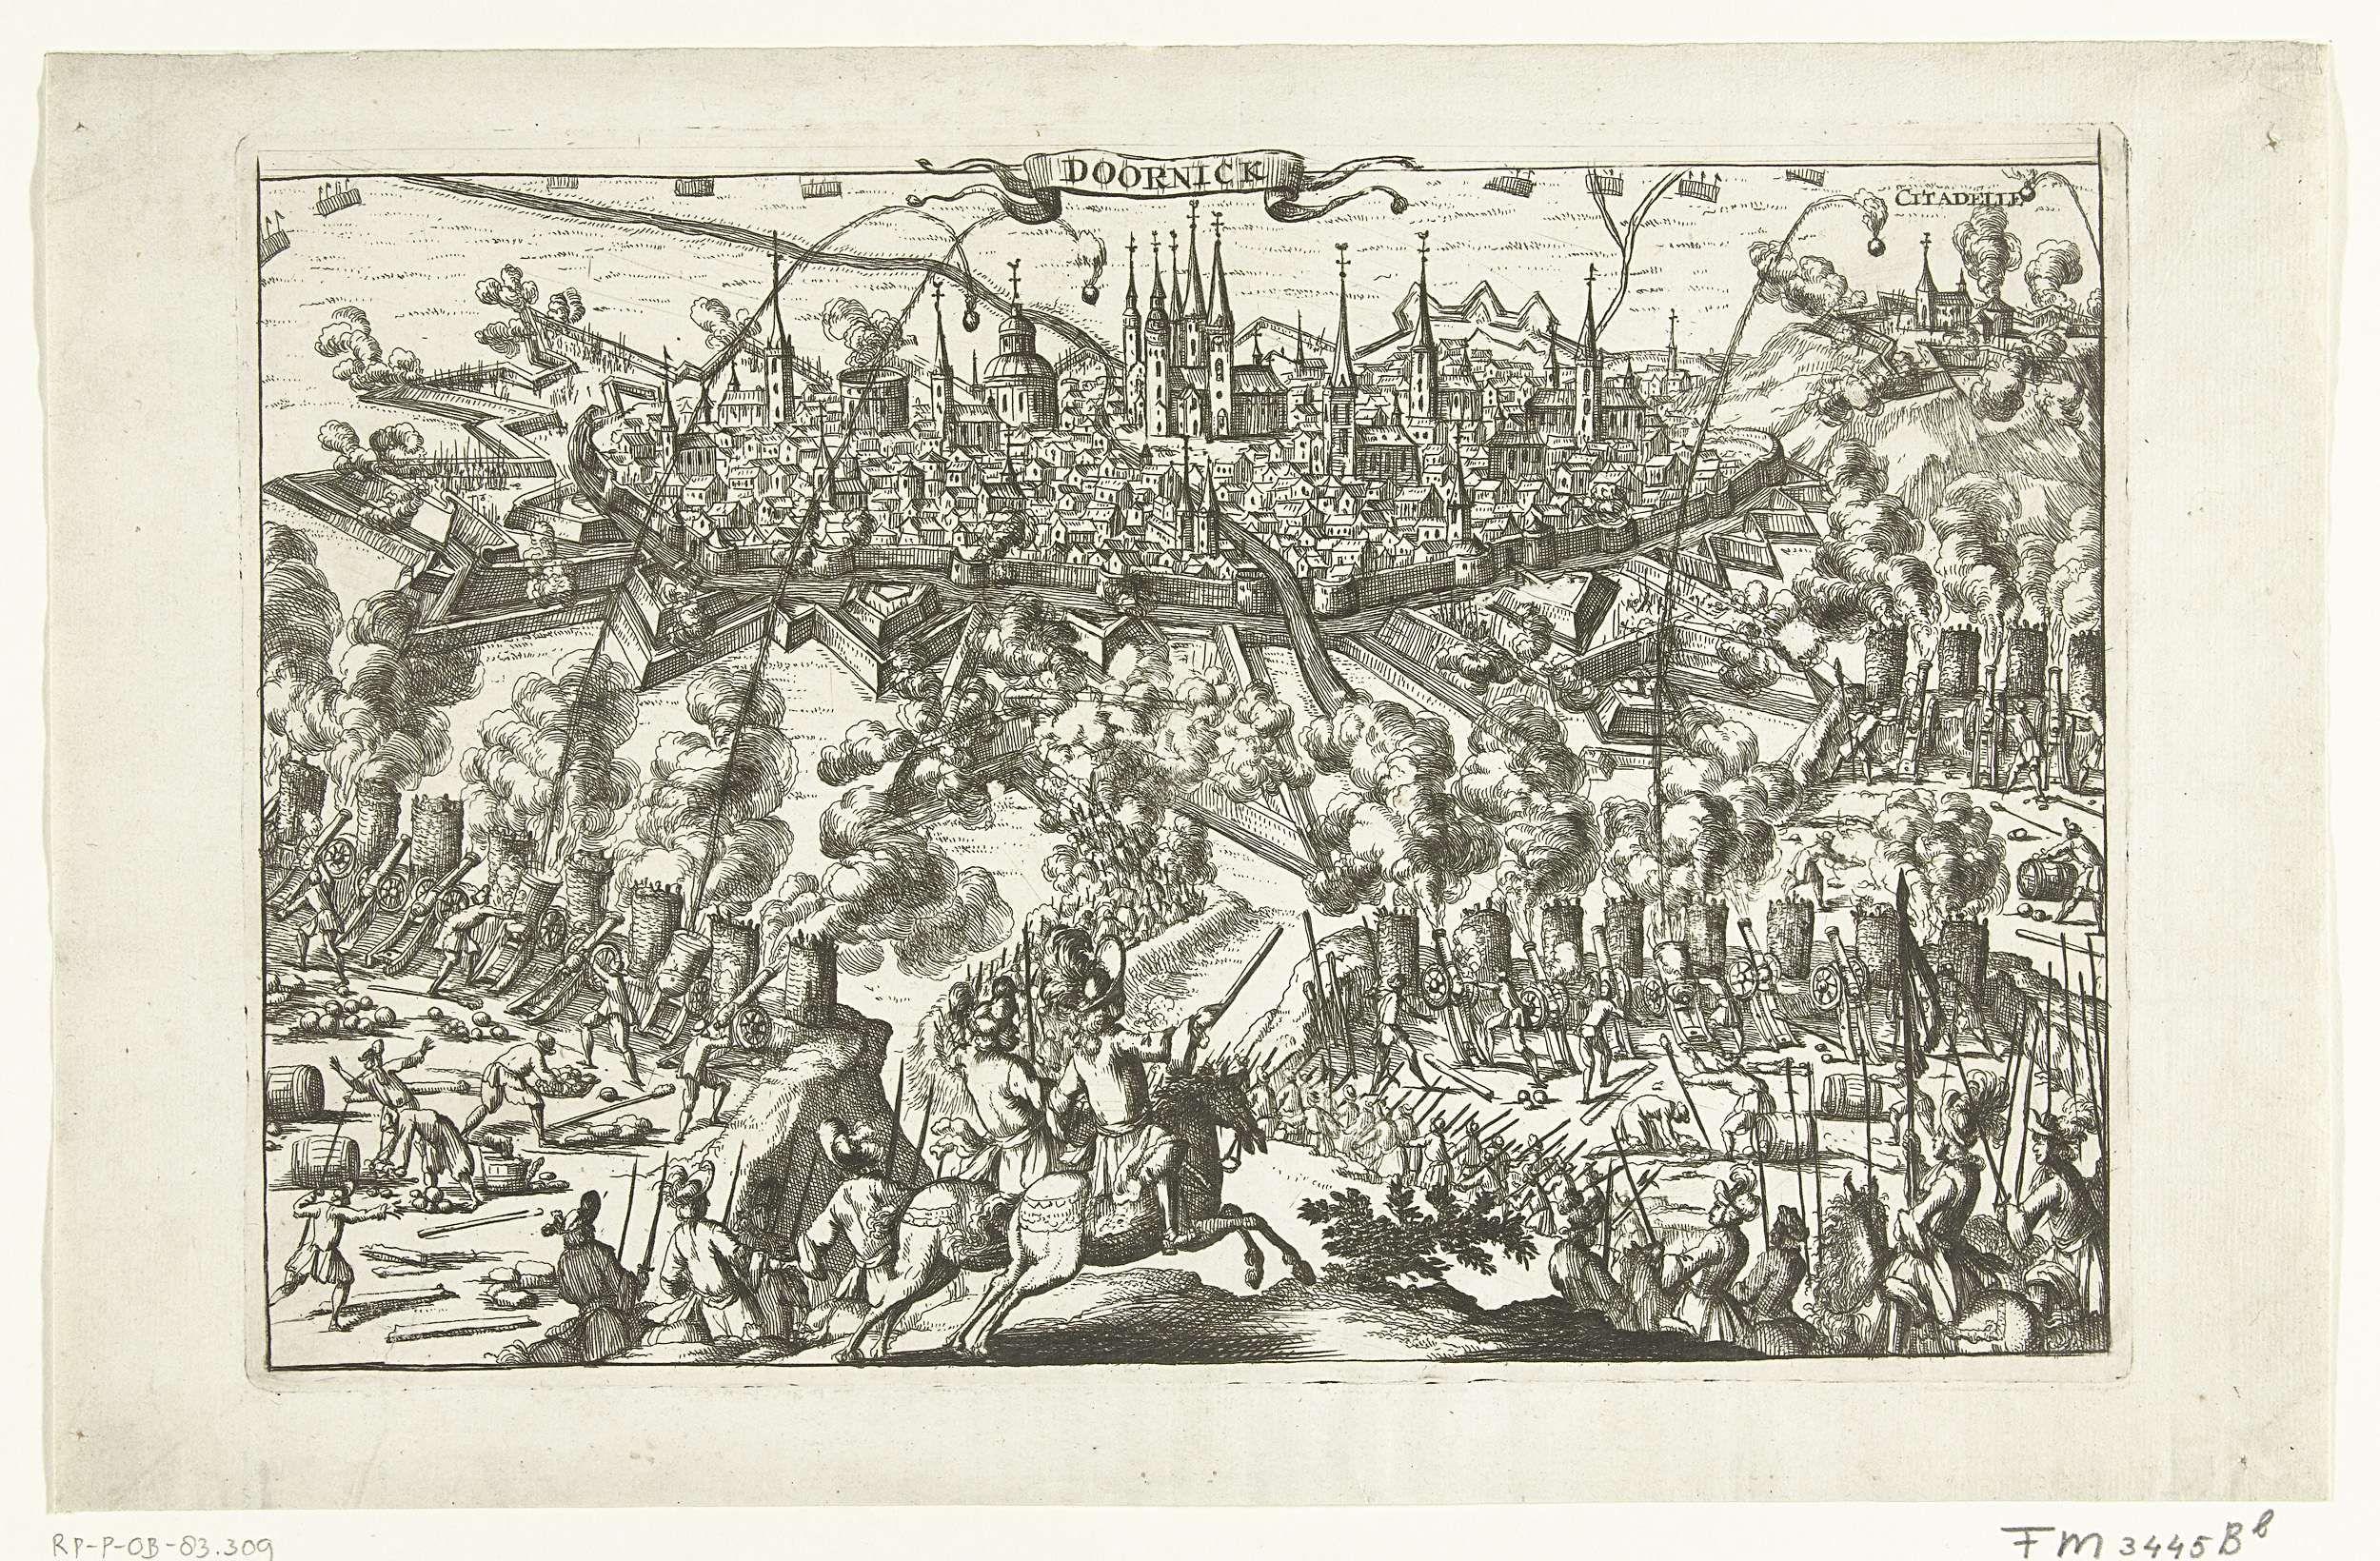 Anonymous | Beleg van Doornik, 1709, Anonymous, 1709 | Tournai (Doornik) belegerd en beschoten door de Geallieerden vanaf 29 juni en ingenomen op 2 september 1709. Op de voorgrond de bevelhebbers te paard.